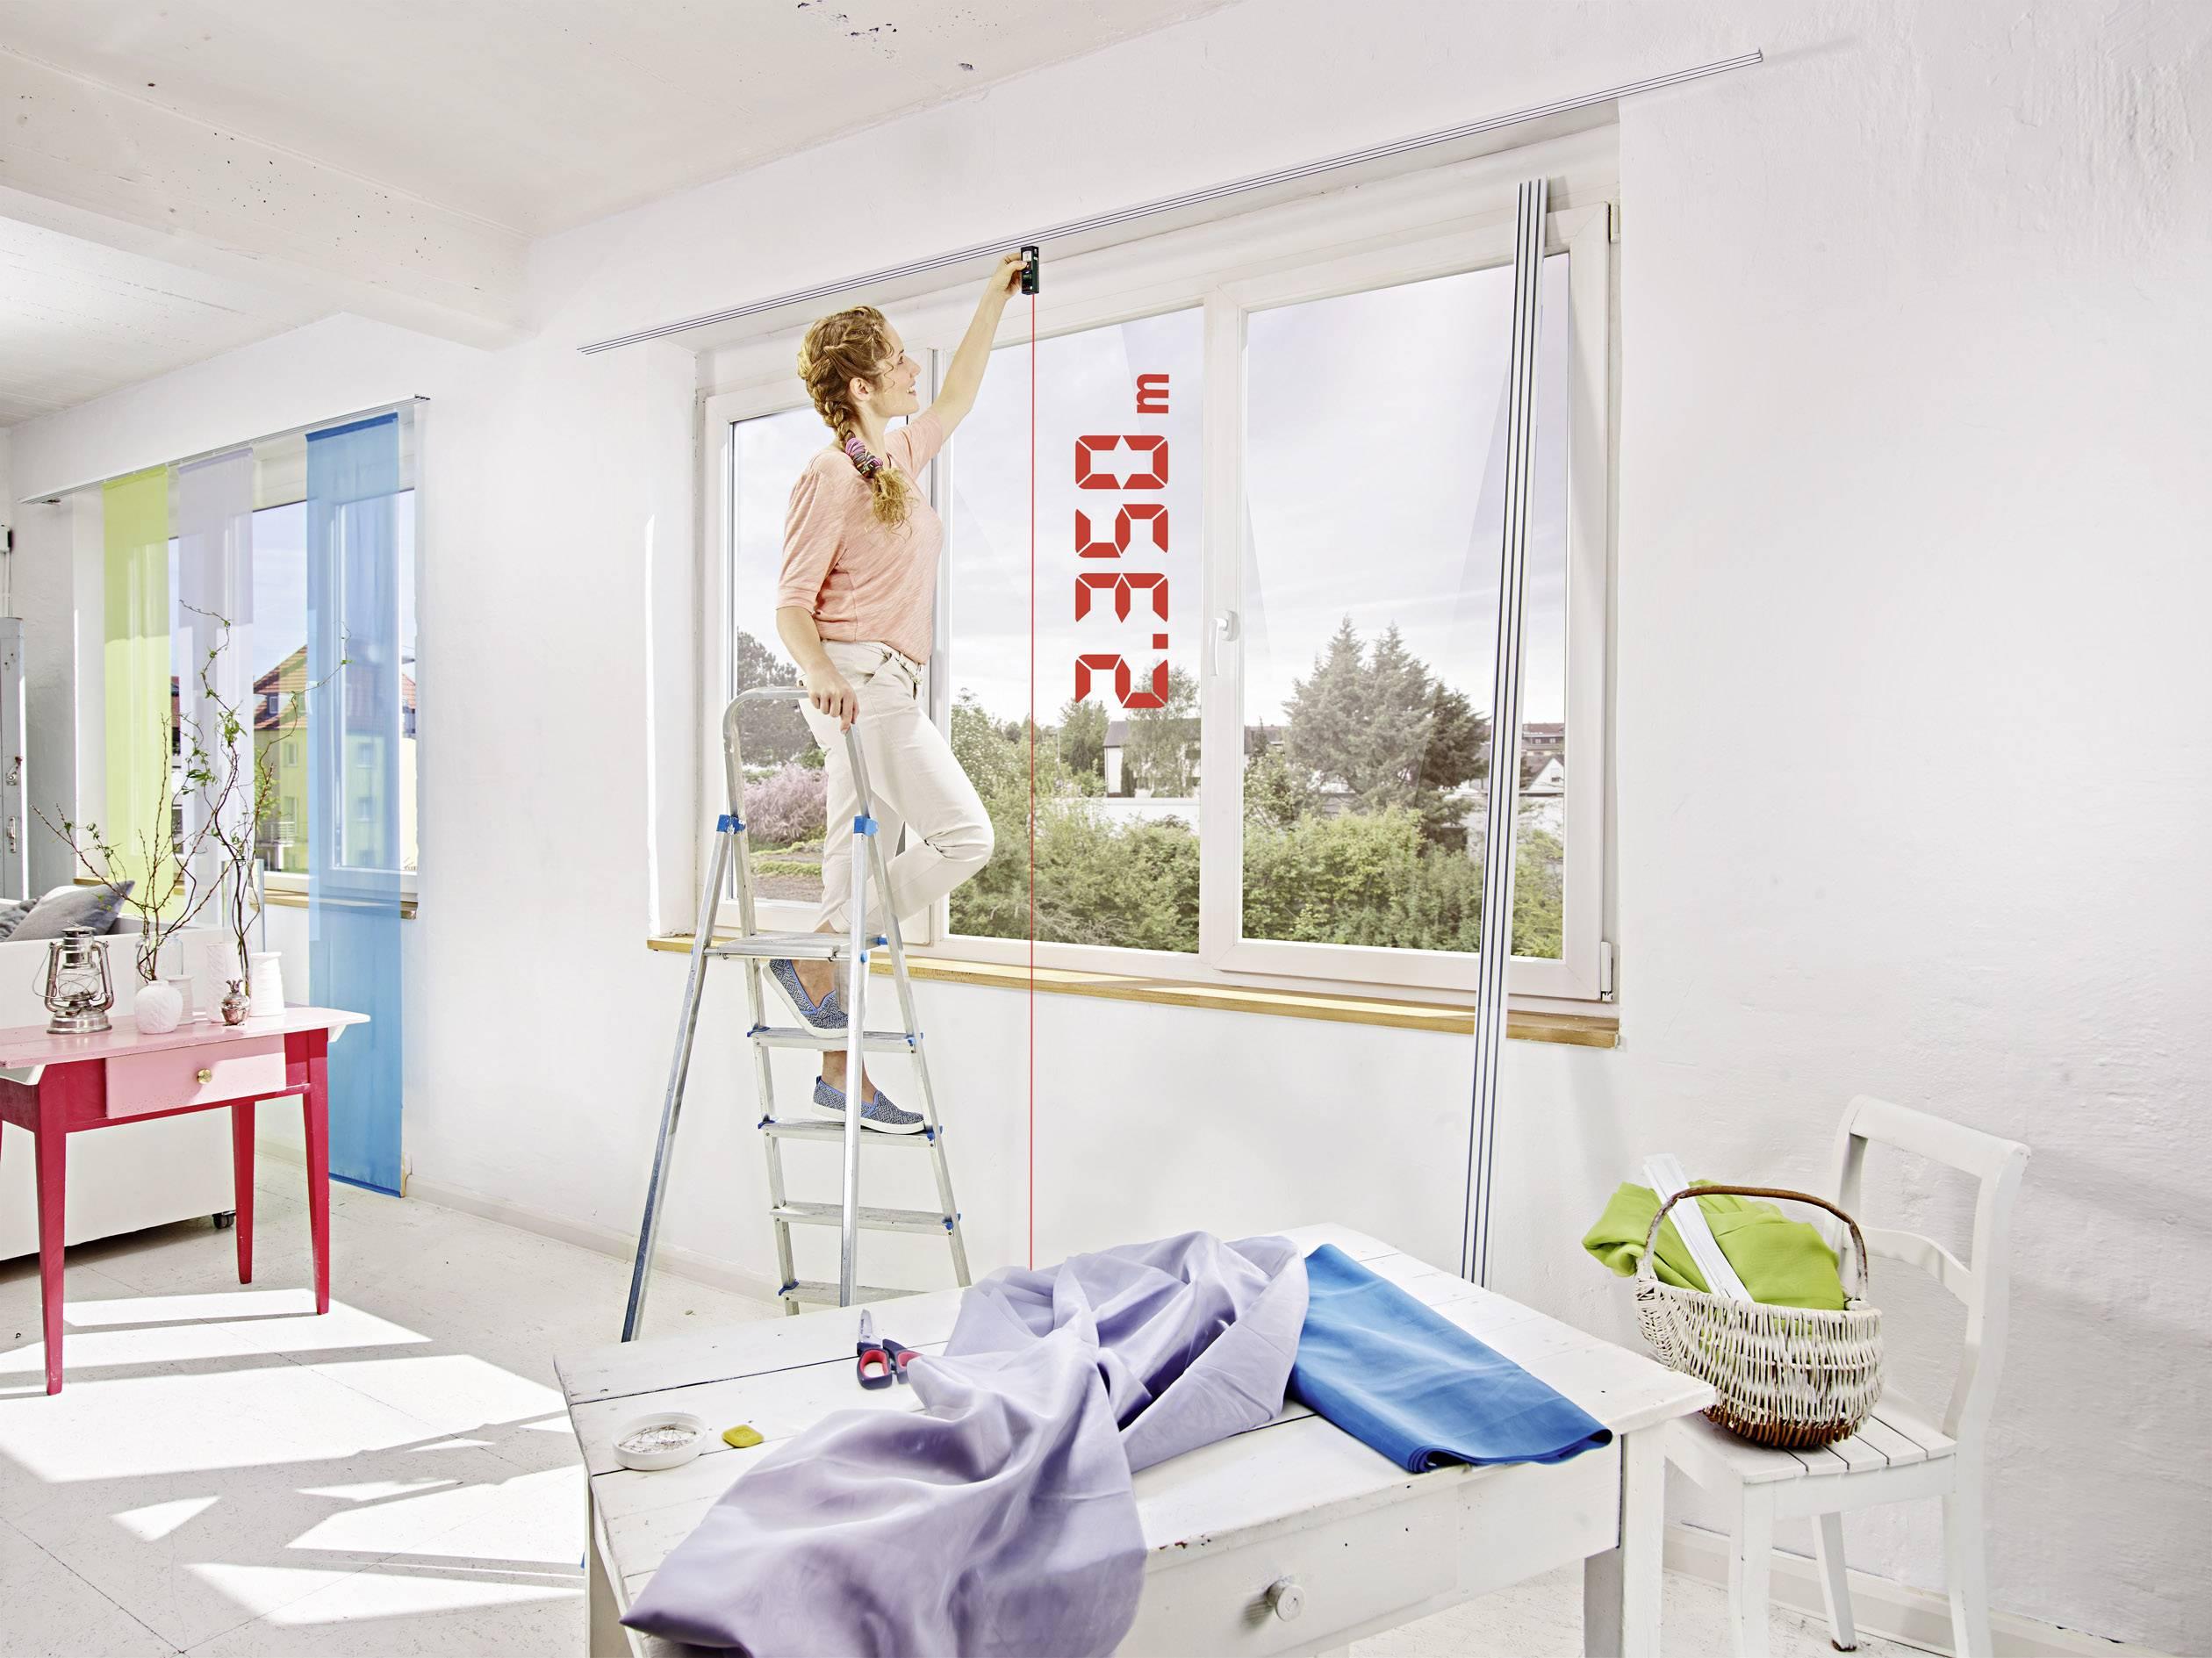 Bosch Entfernungsmesser Zamo Ii : Bosch home and garden zamo laser entfernungsmesser messbereich